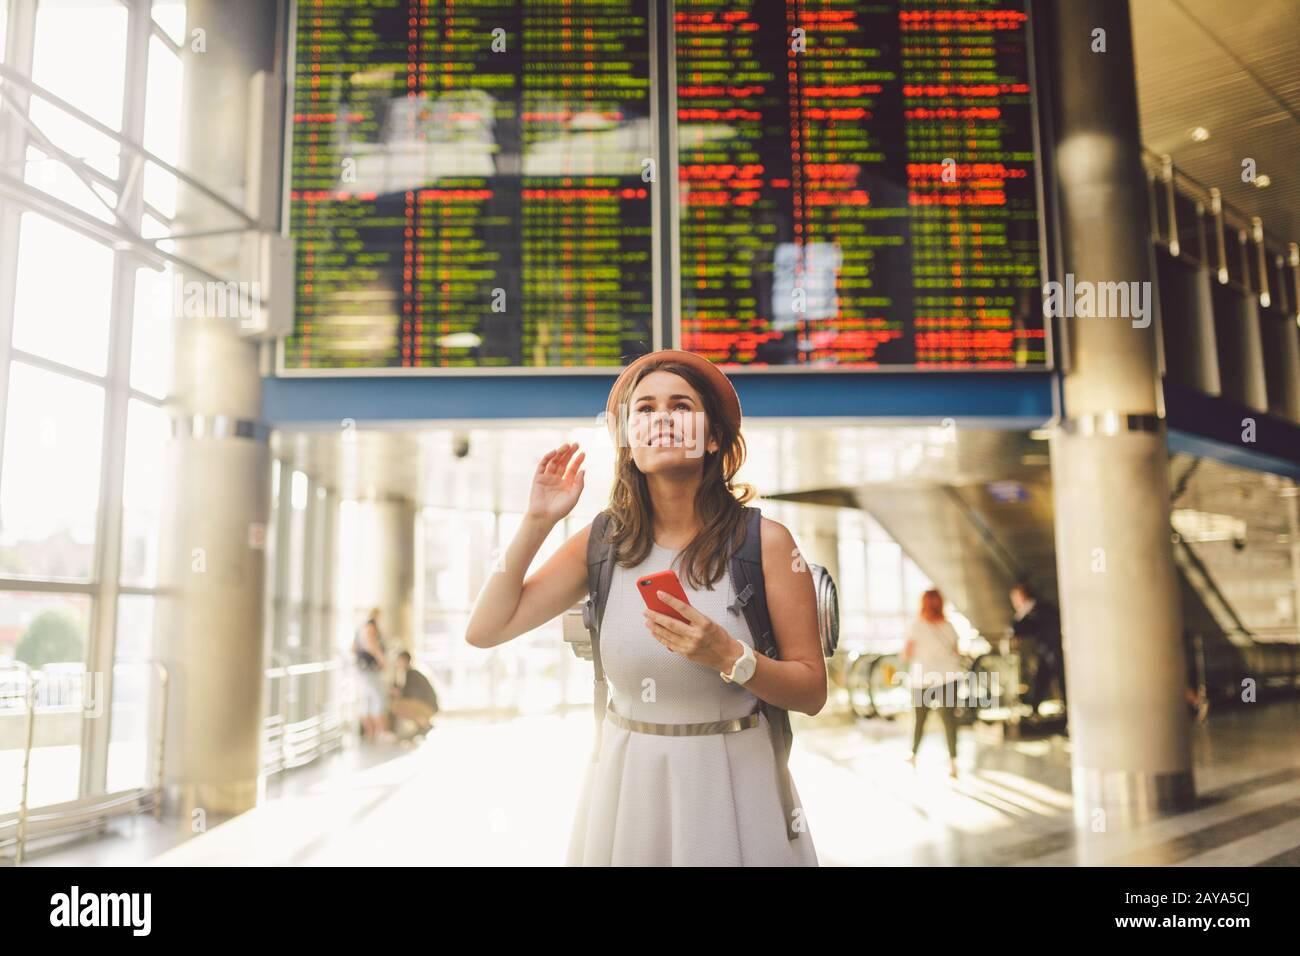 Voyage à thème et tranosport. Belle jeune femme caucasienne en robe et sac à dos debout à l'intérieur de la gare ou terminal loo Banque D'Images